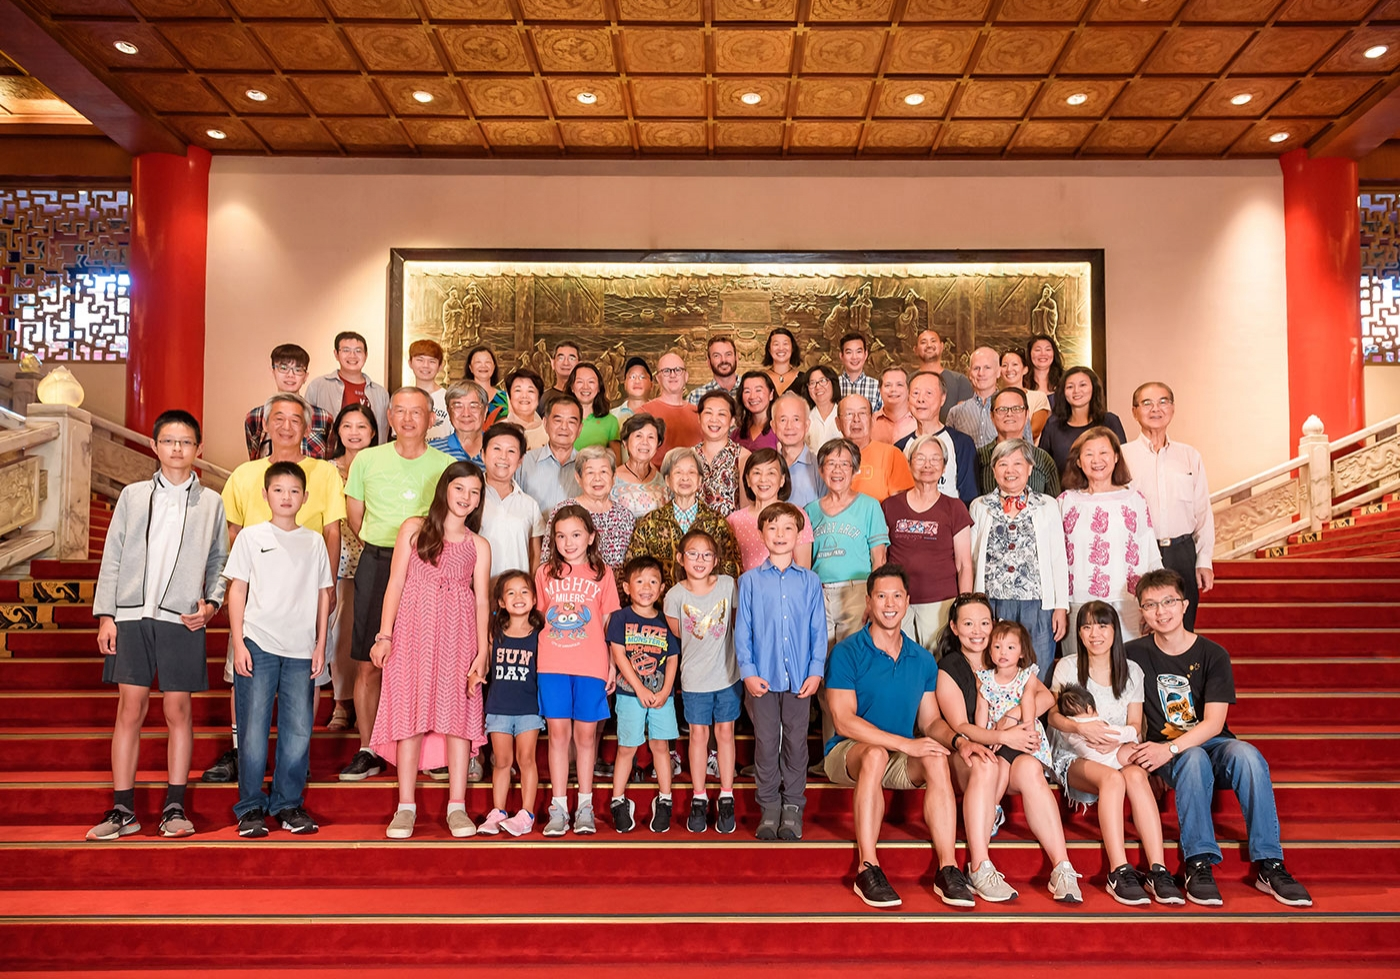 全家福寫真 家族大合照 圓山大飯店合照 甜蜜印象攝影工作室